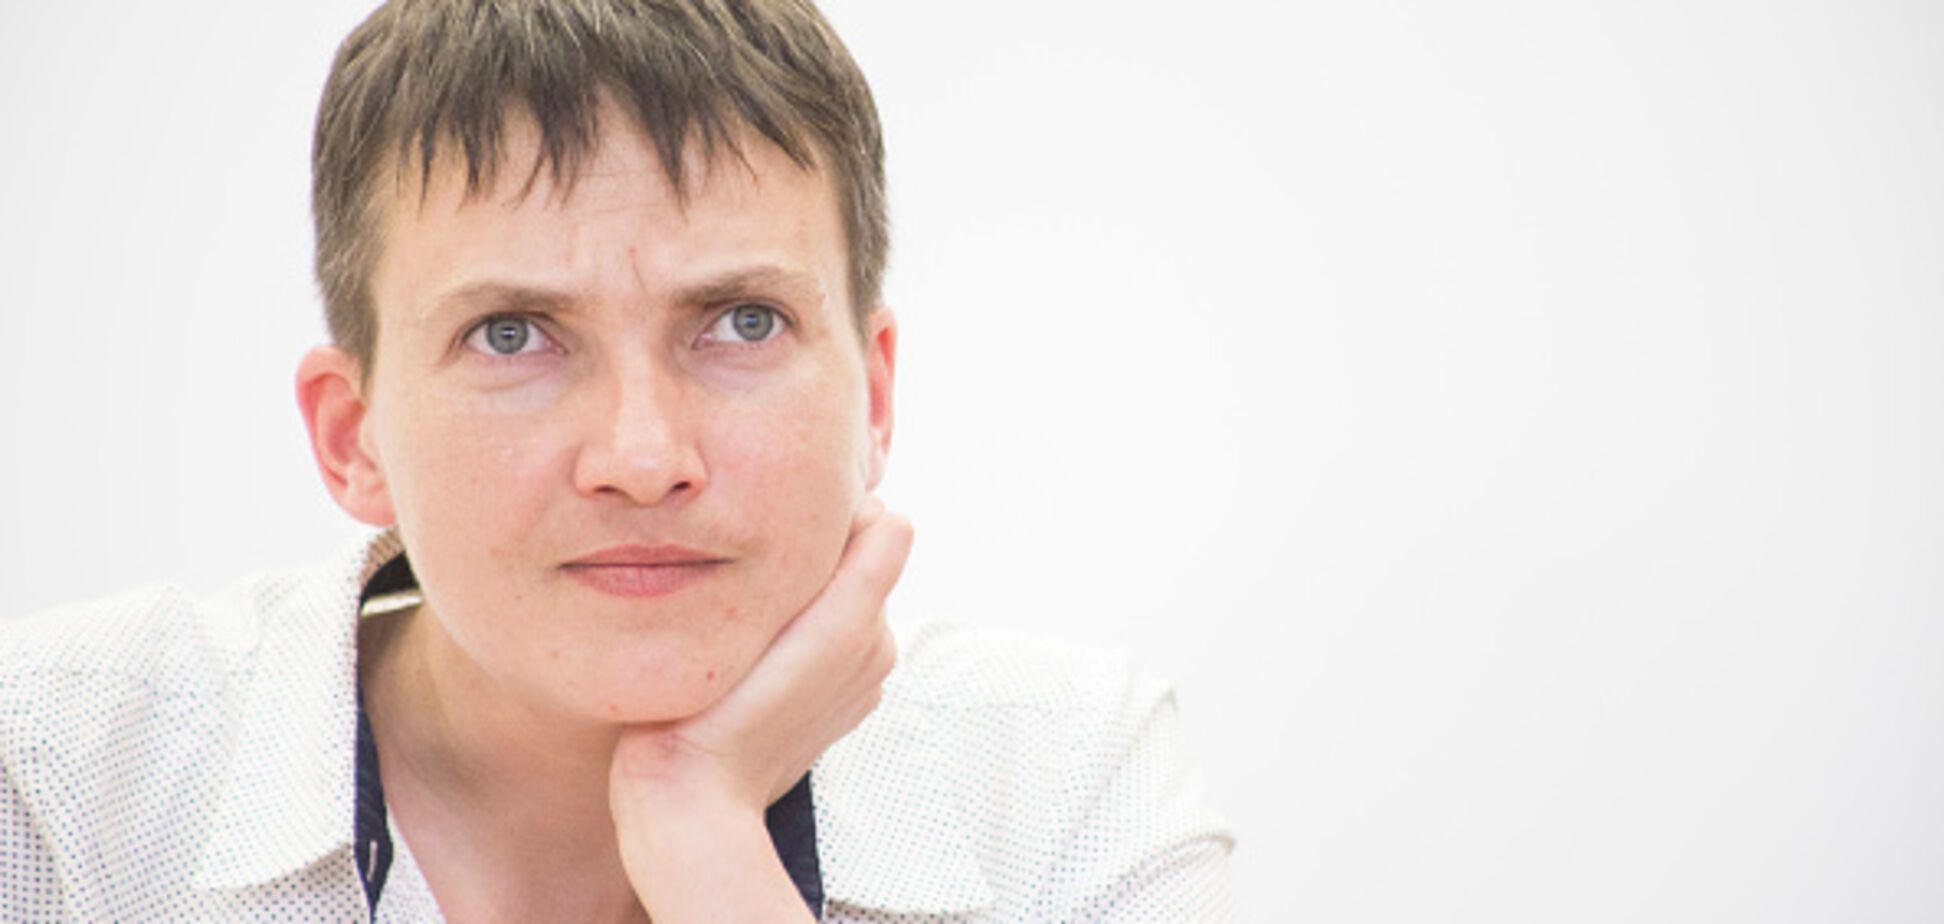 Бросалась стульями: появились подробности истерик Савченко в армии